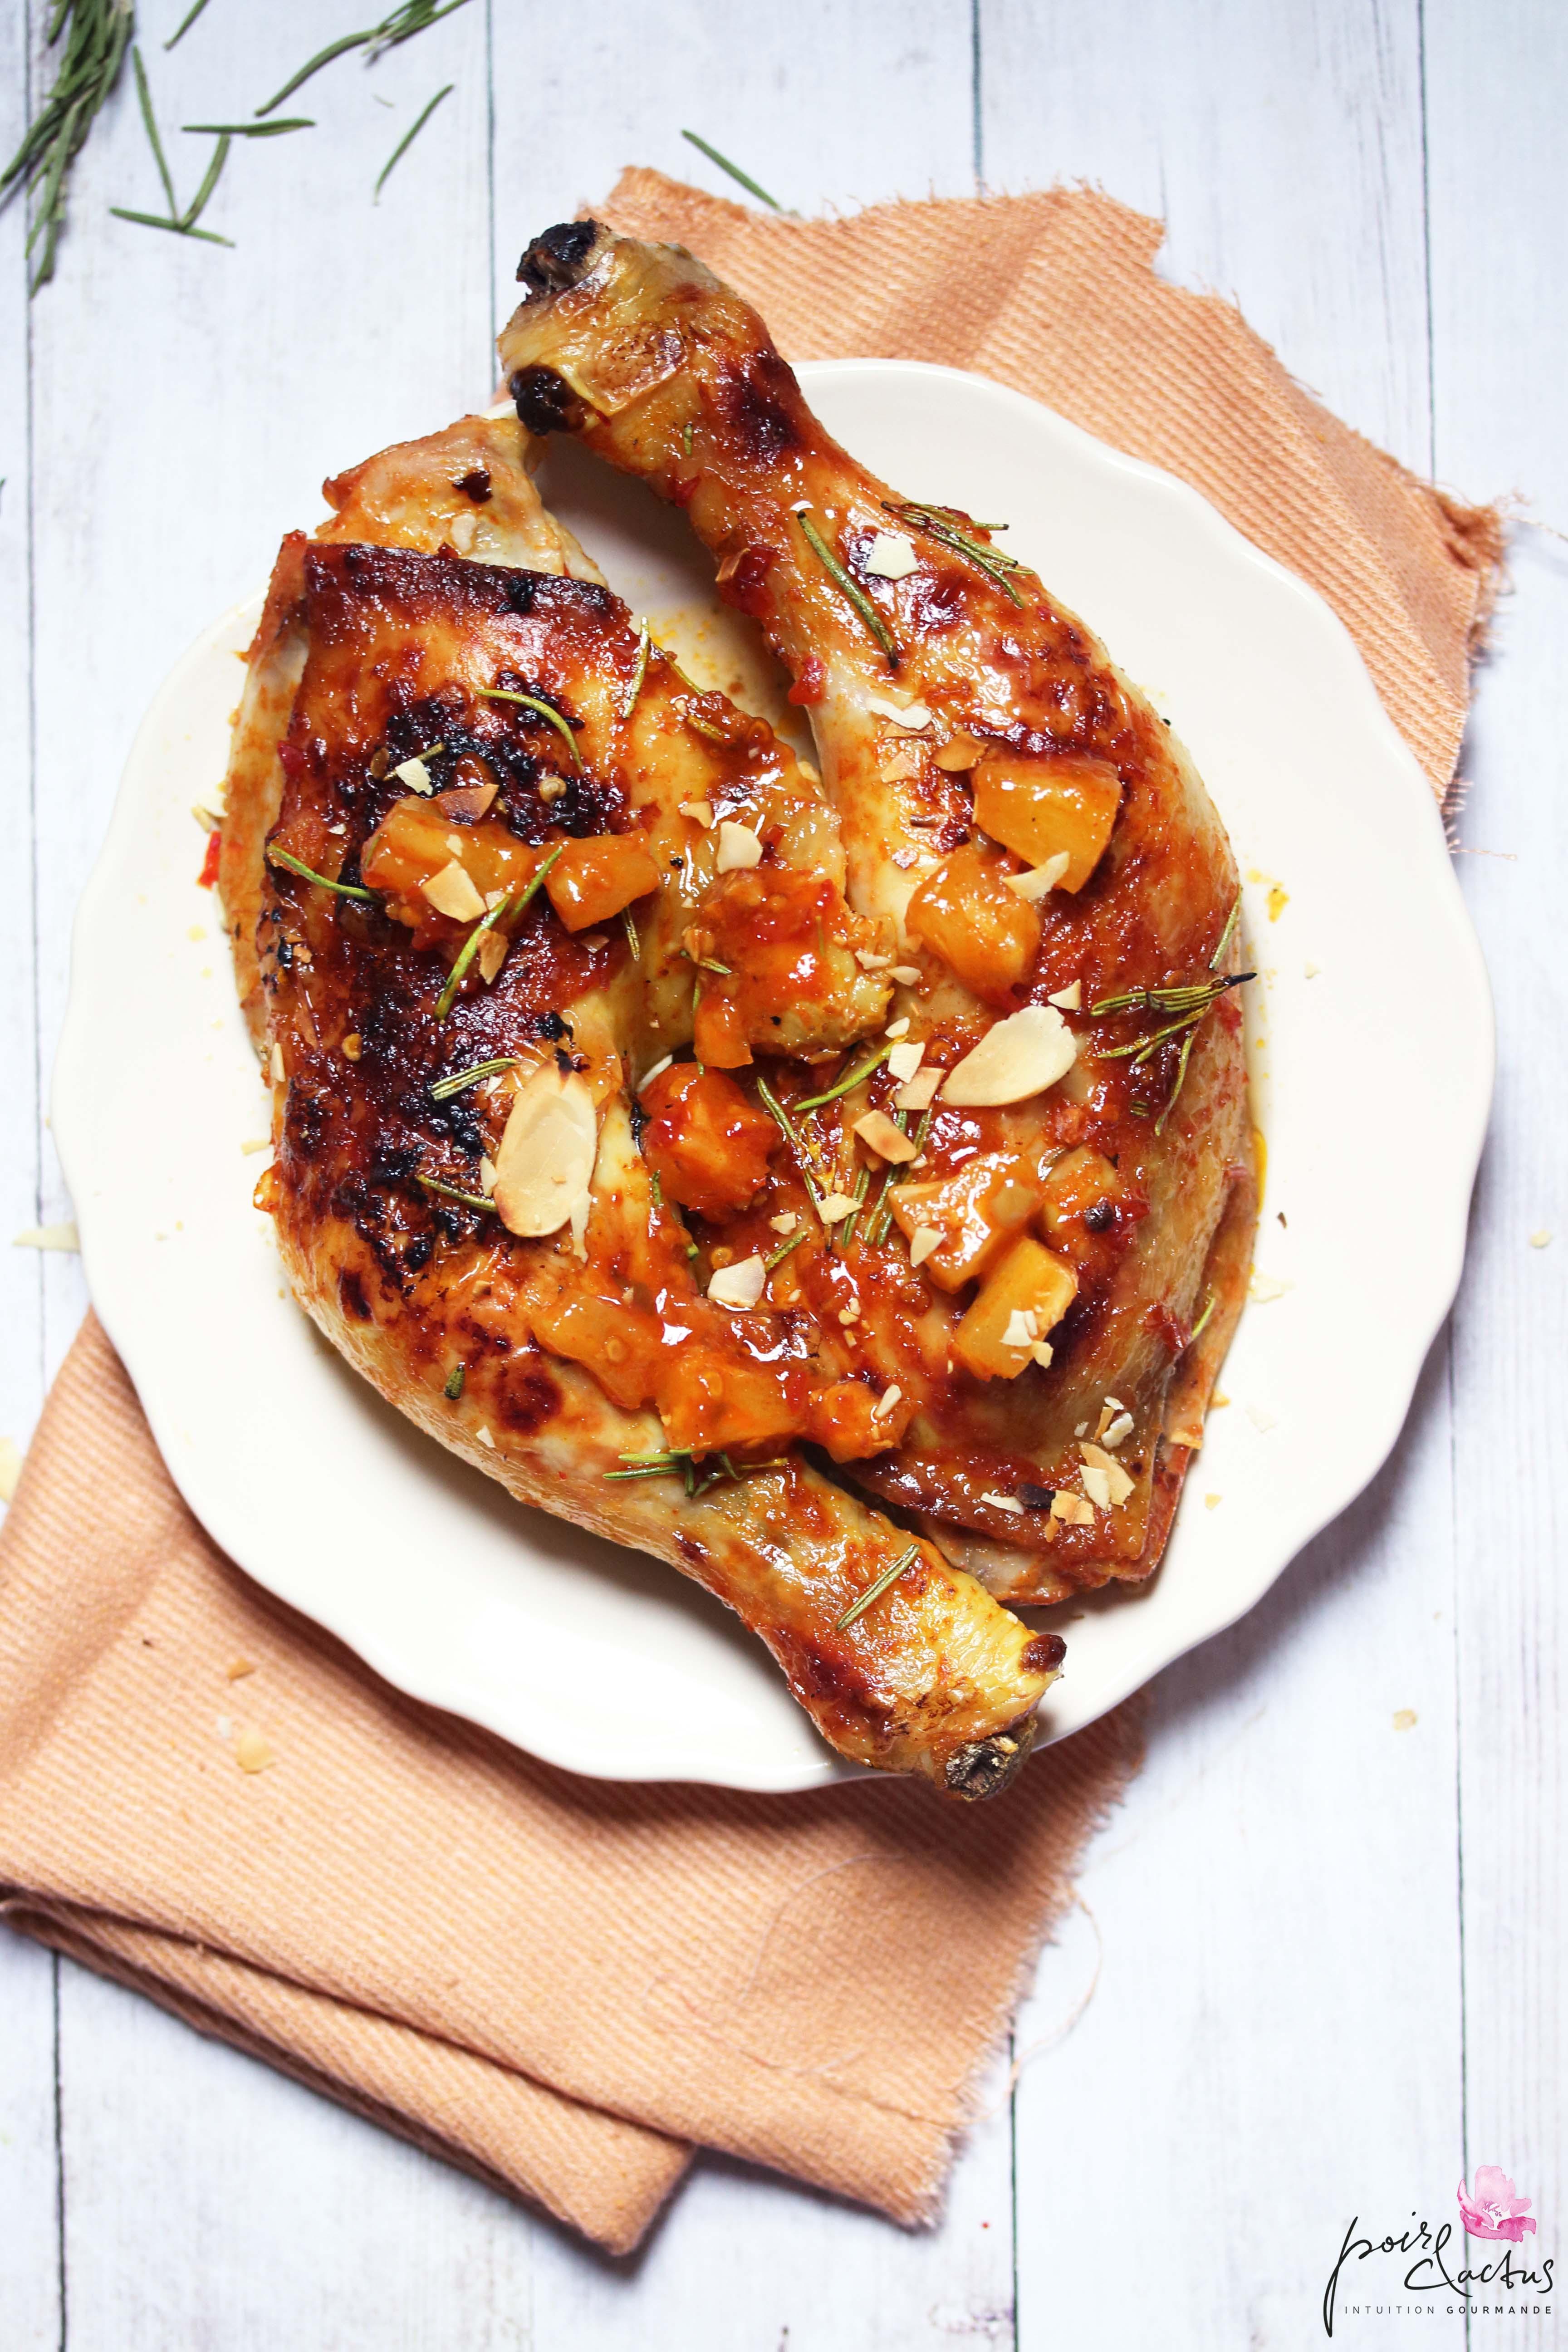 recette_poulet_ananas_piment_poiretcactus1